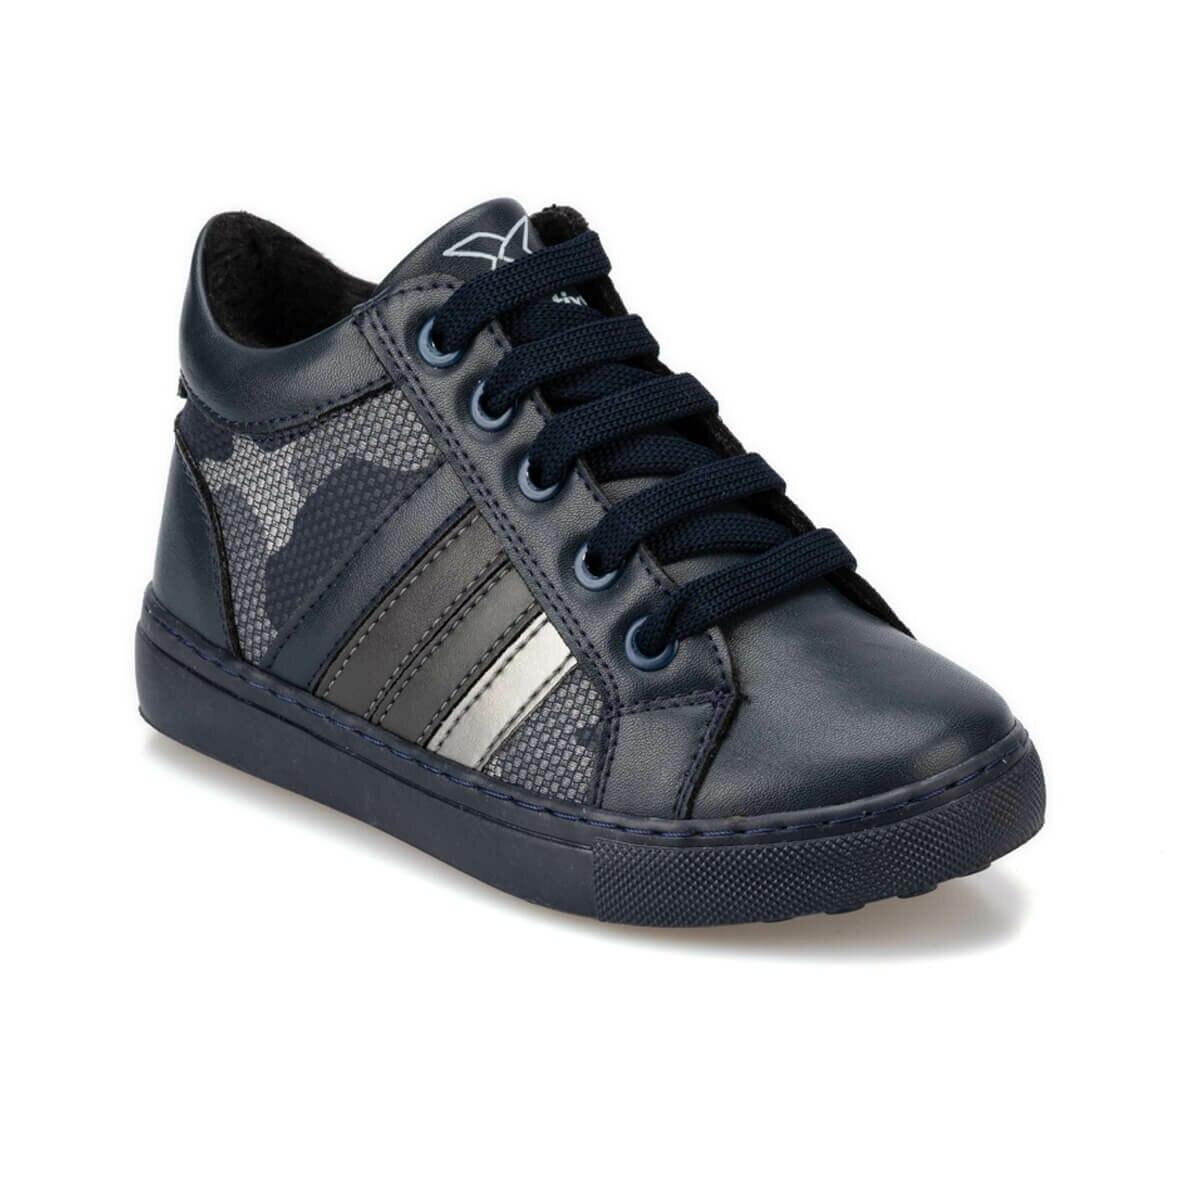 FLO SYNDRA 9PR Navy Blue Male Child Boots KINETIX